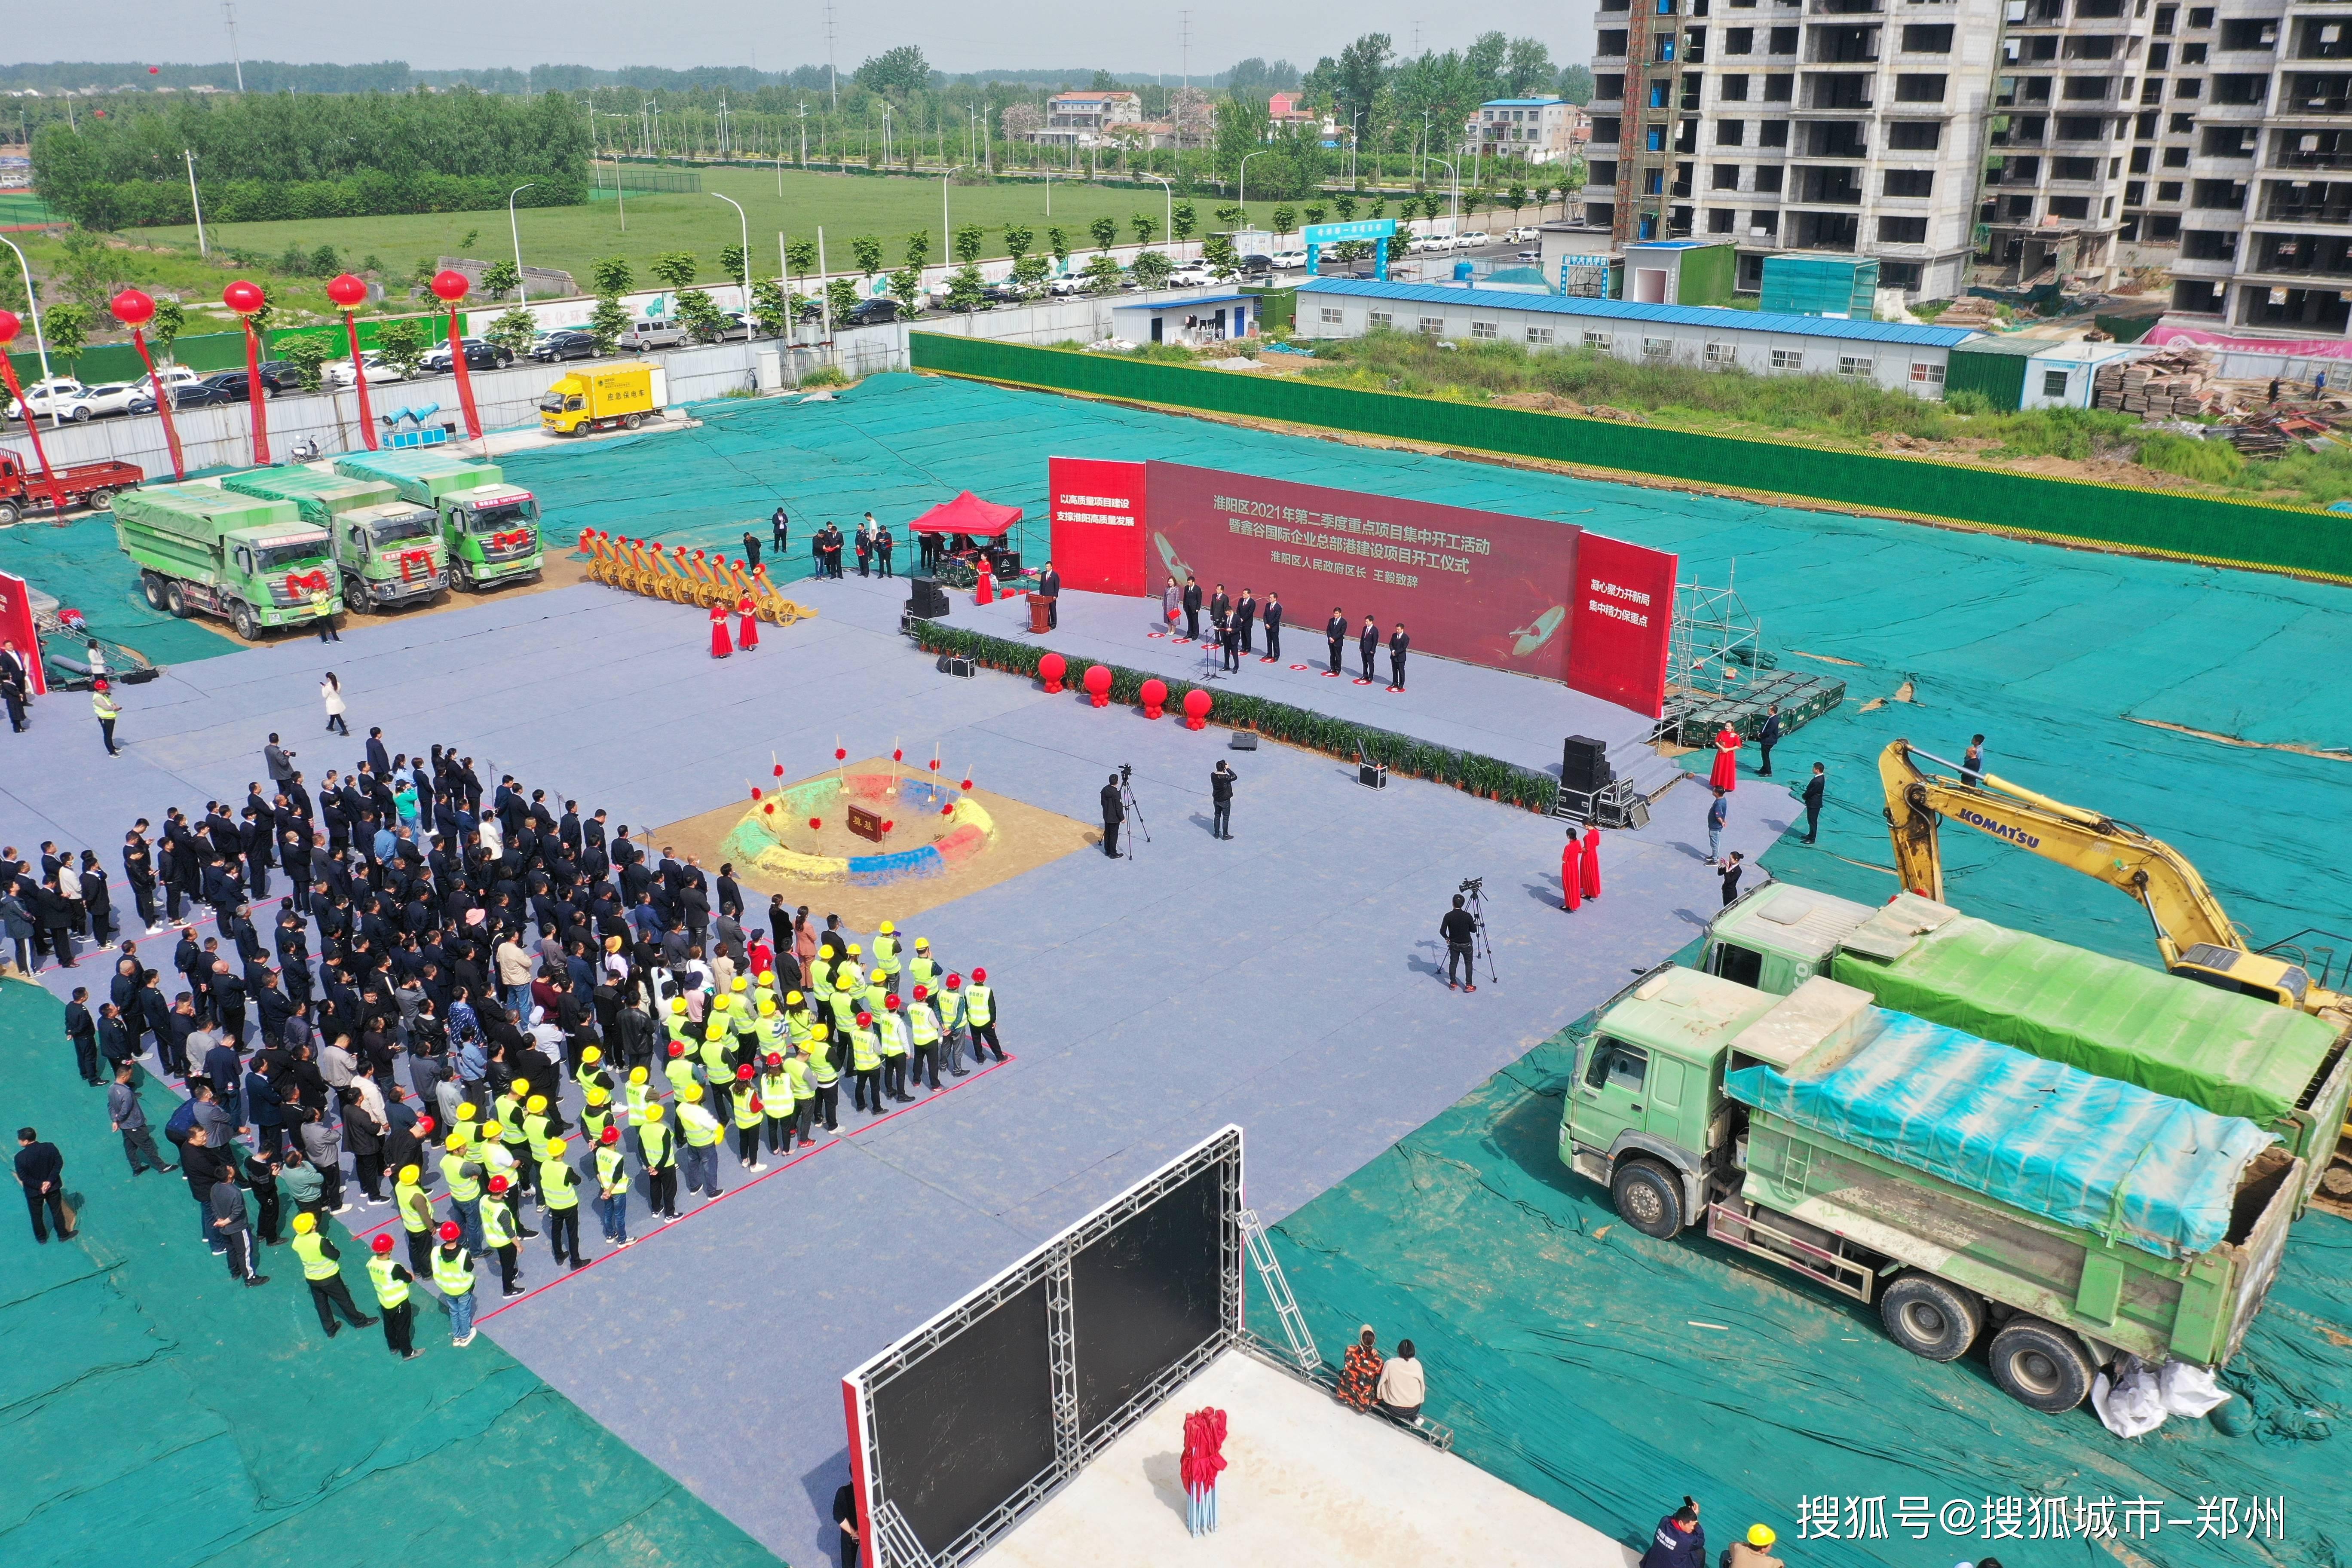 淮阳区2021年第二季度重点项目集中开工仪式举行